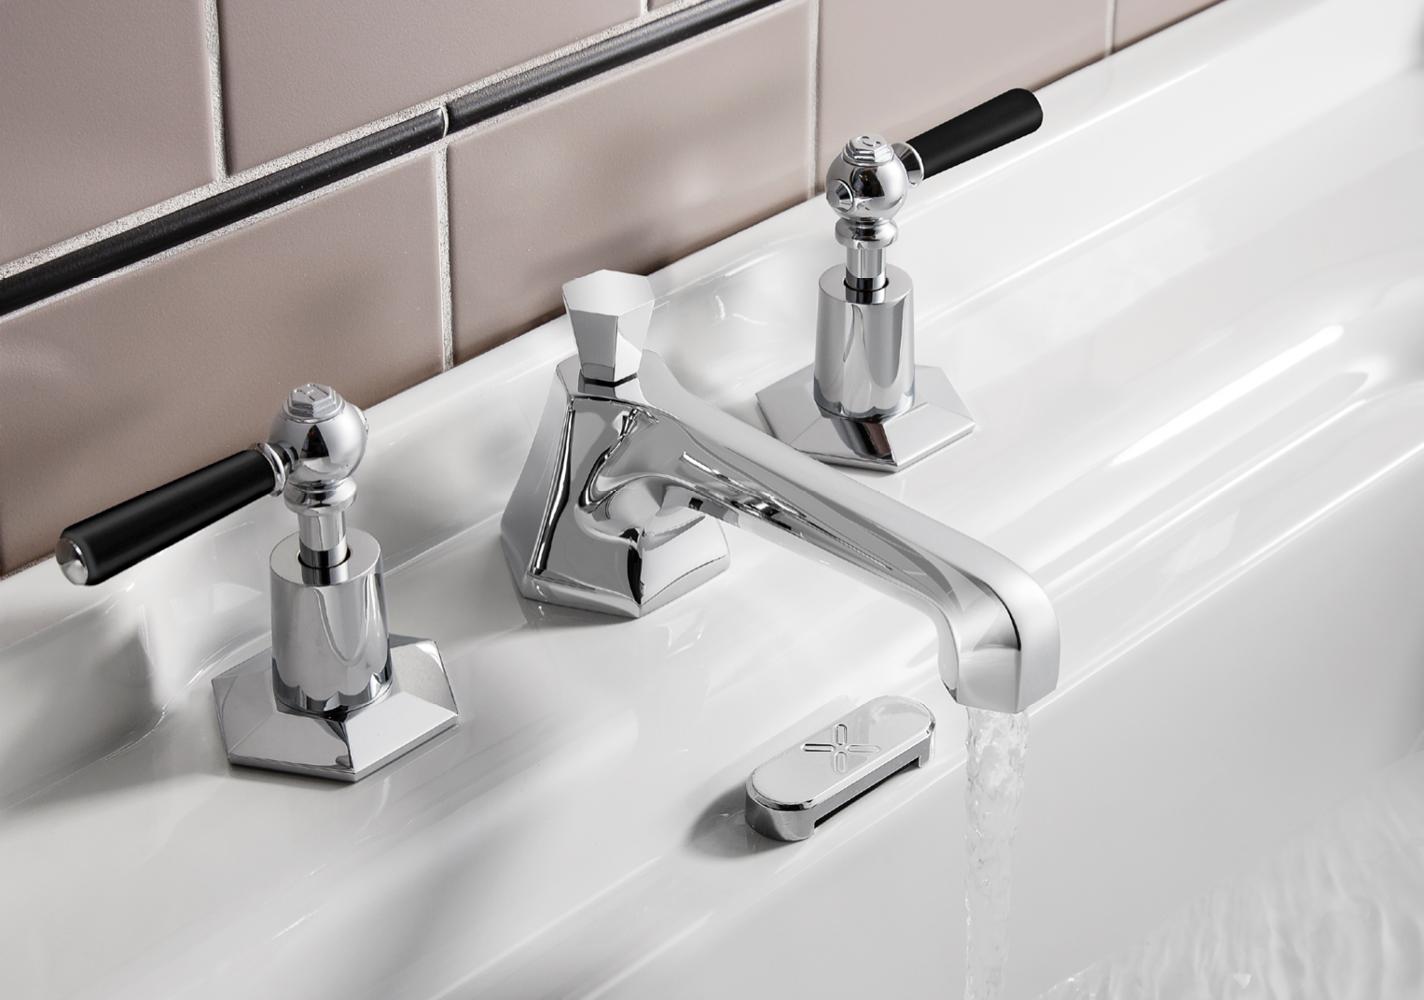 Waldorf | Luxury bathrooms UK, Crosswater Holdings